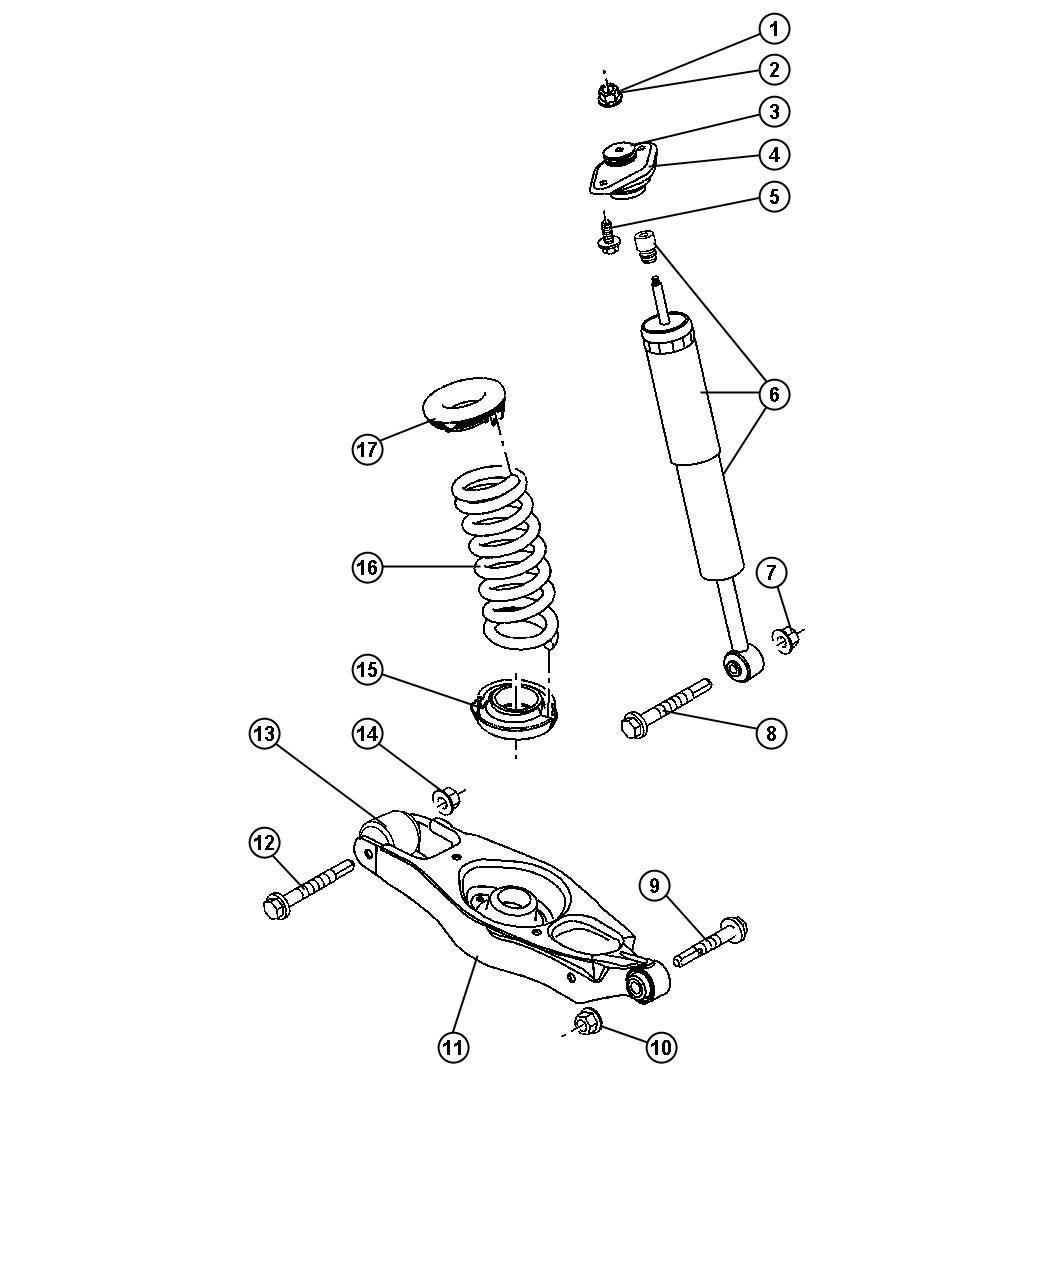 Dodge Charger Isolator Spring Upper Suspension Shocks